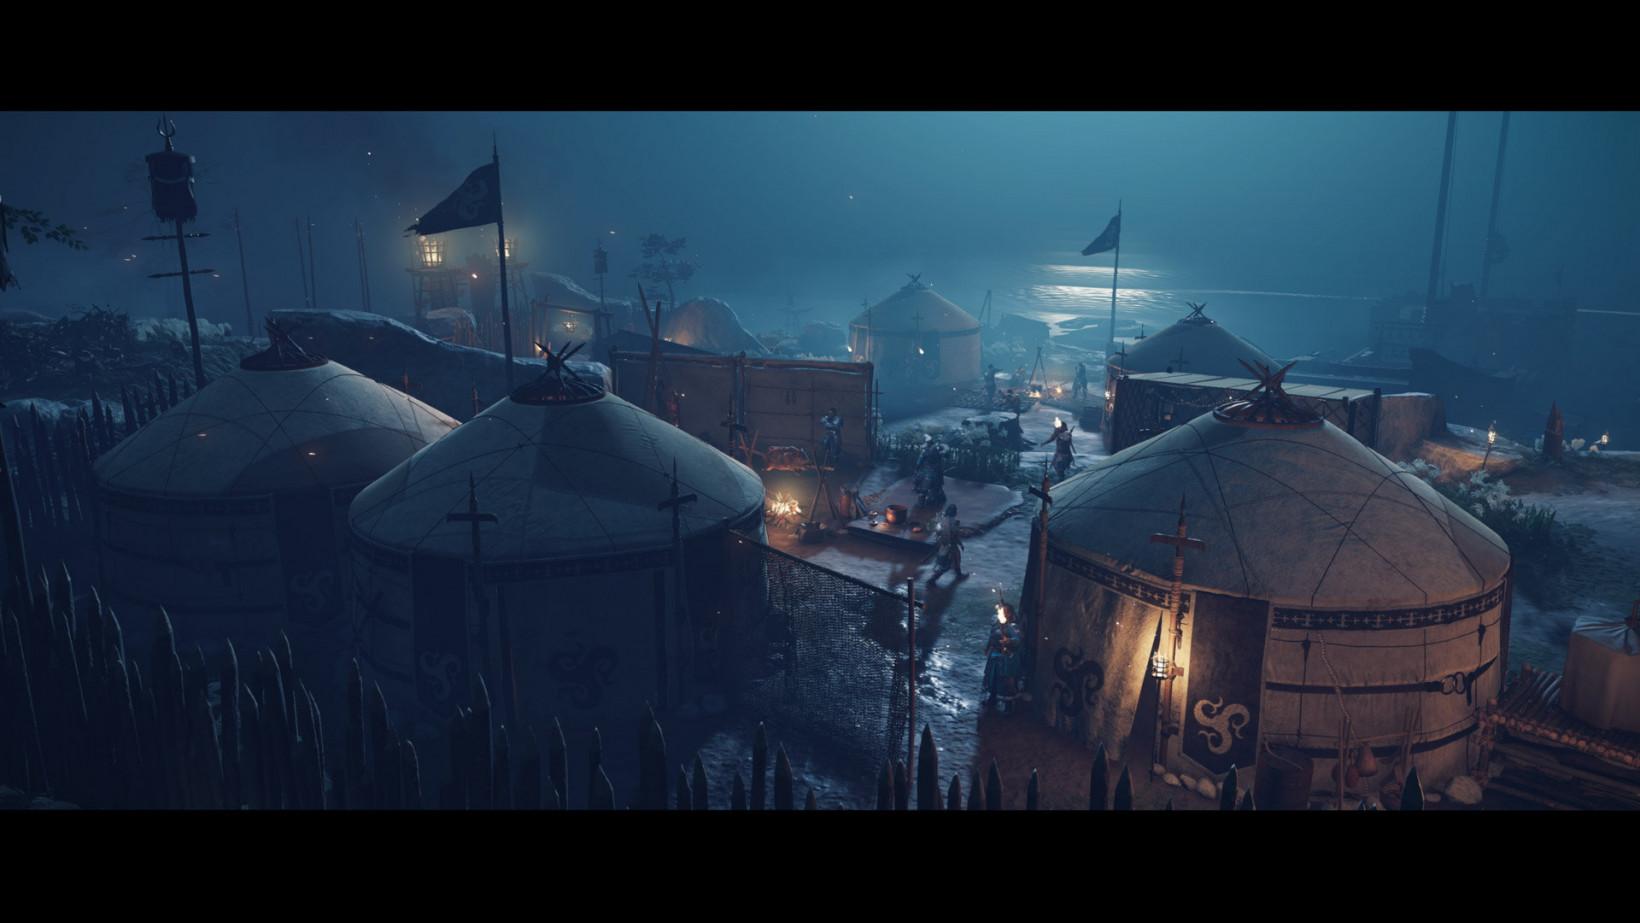 Ghost of Tsushima Creed سامورایی Assassins Creed است   و نه چیز دیگری